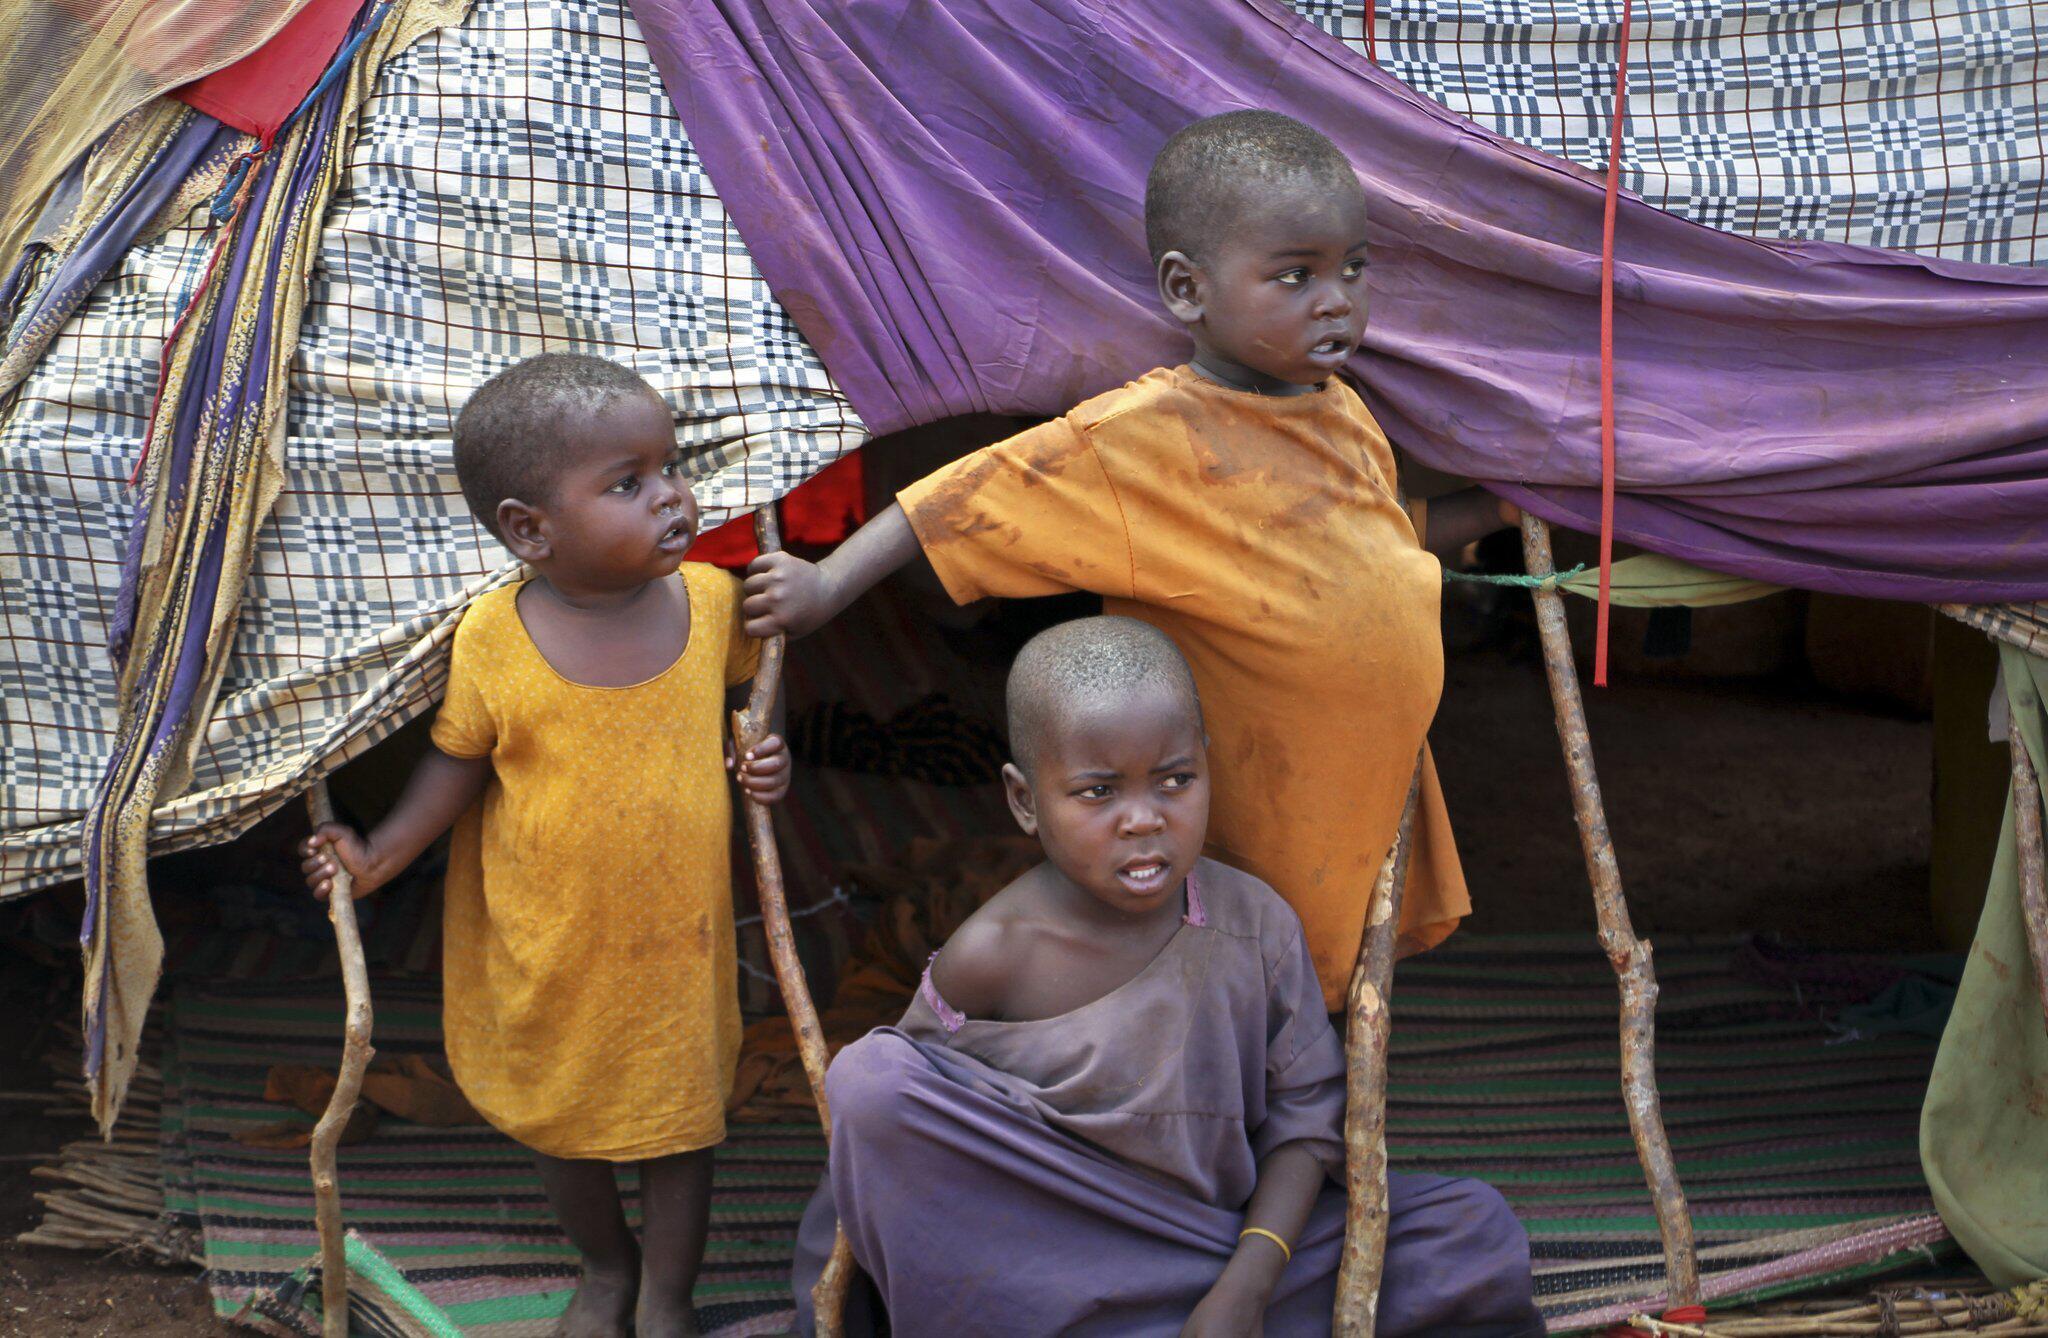 Bild zu Armut, Klimawandel und Kommerz bedrohen Kinder weltweit